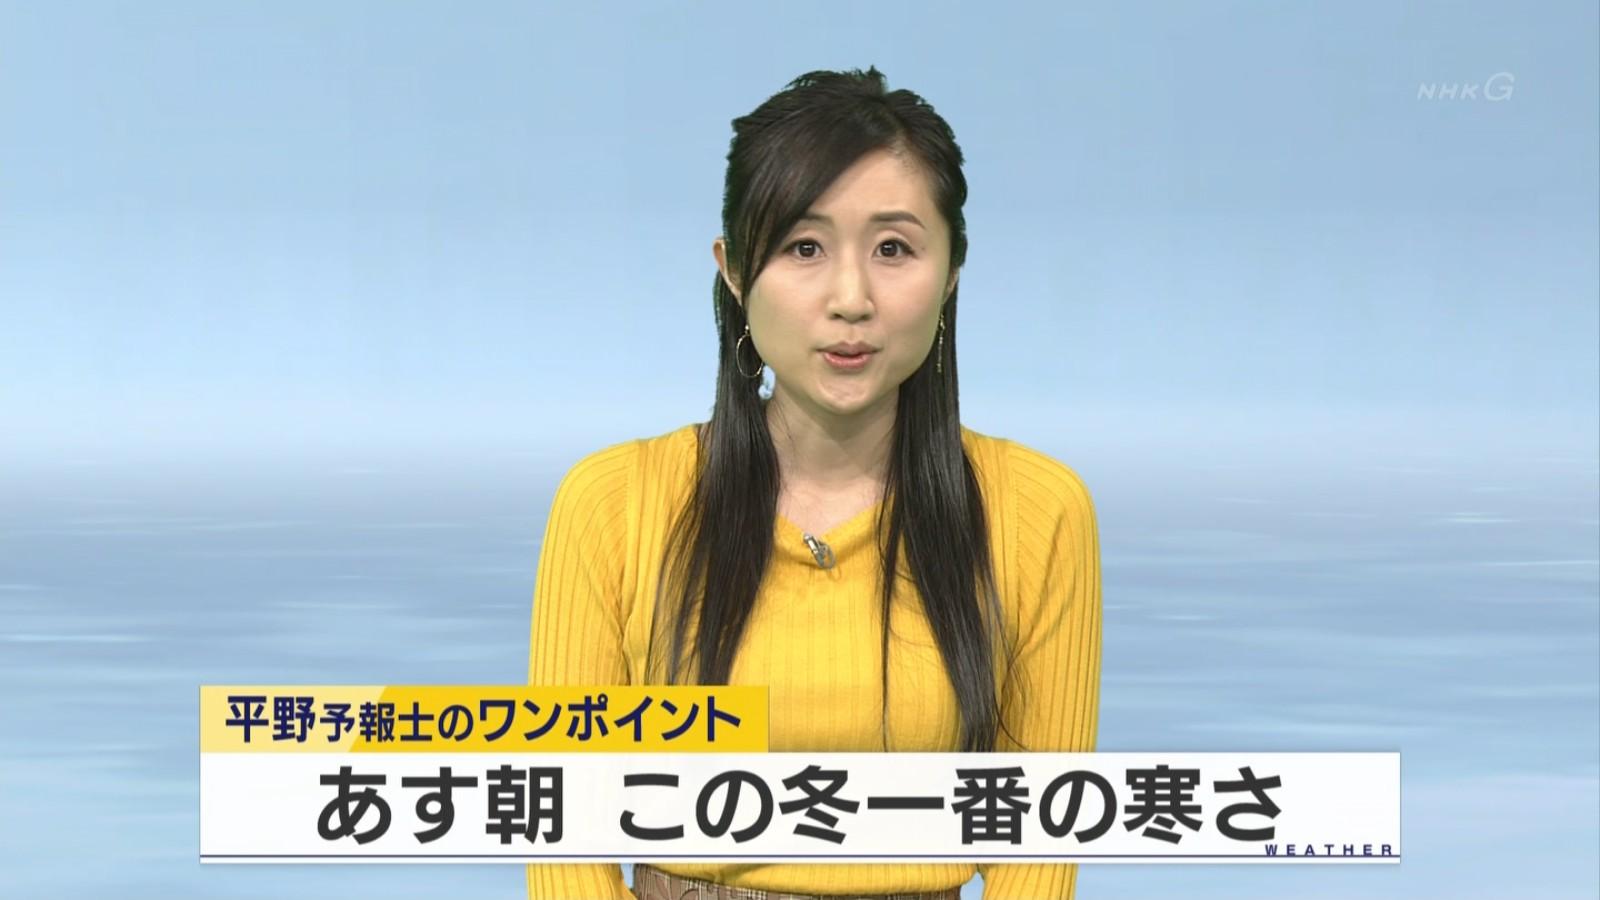 気象 士 nhk 予報 山神明理(NHK気象予報士)の年齢や身長とカップの画像をwikiプロフィールに!結婚や彼氏は?【おはよう関西】